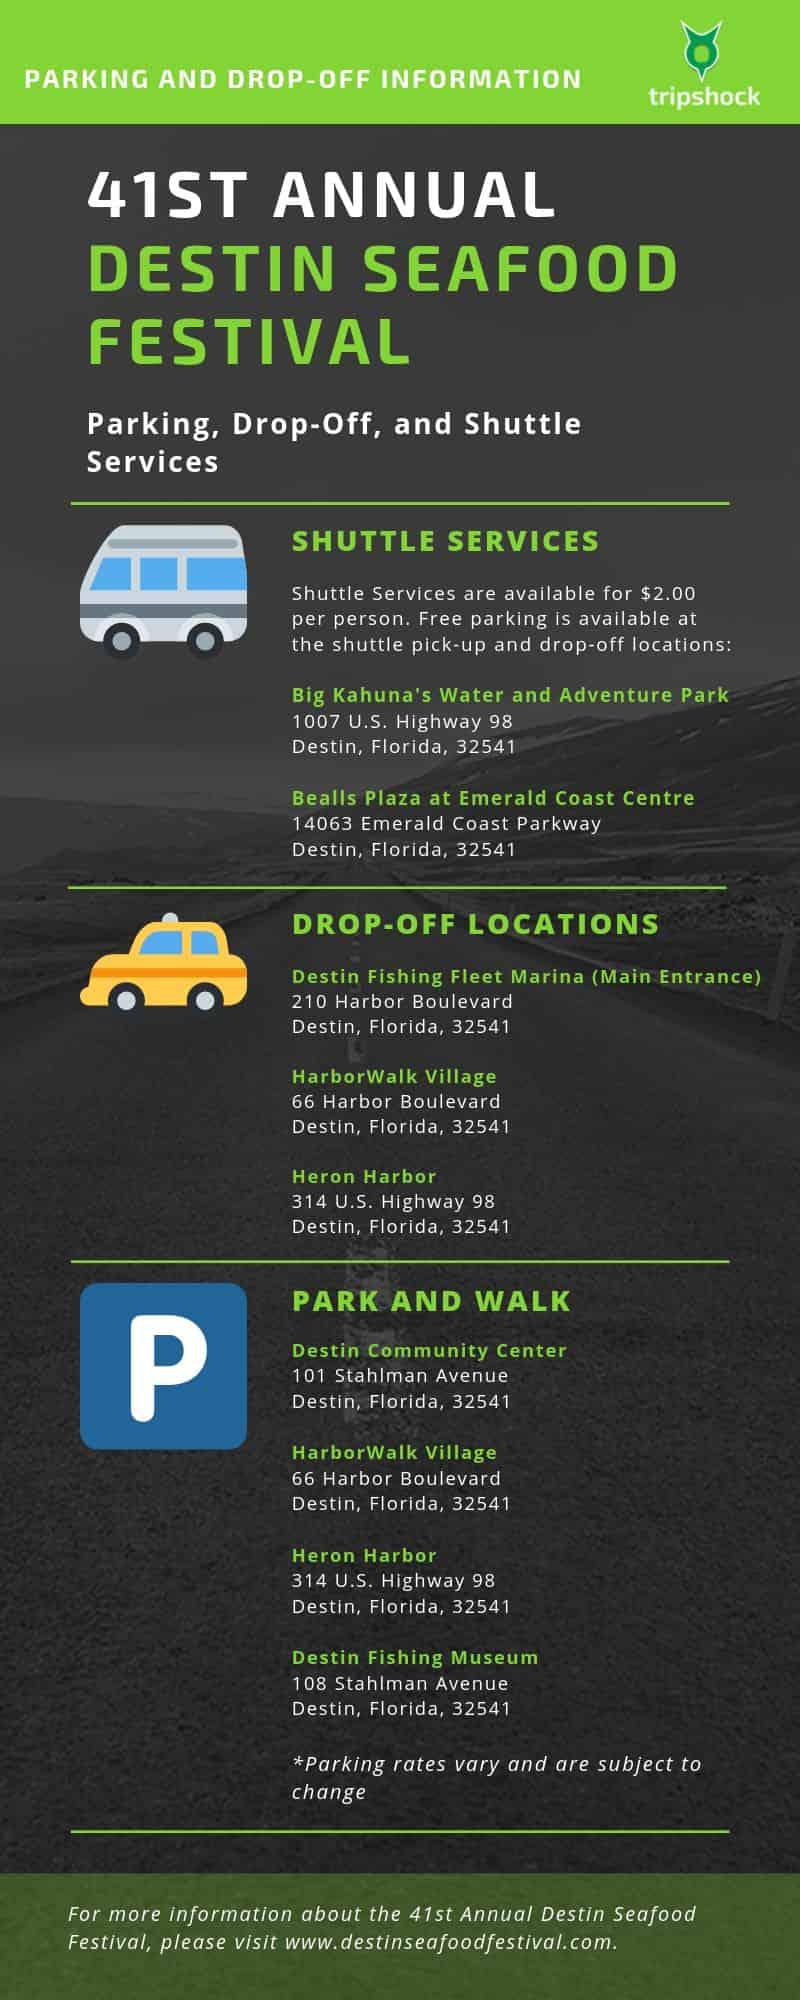 destin-seafood-festival-parking-information